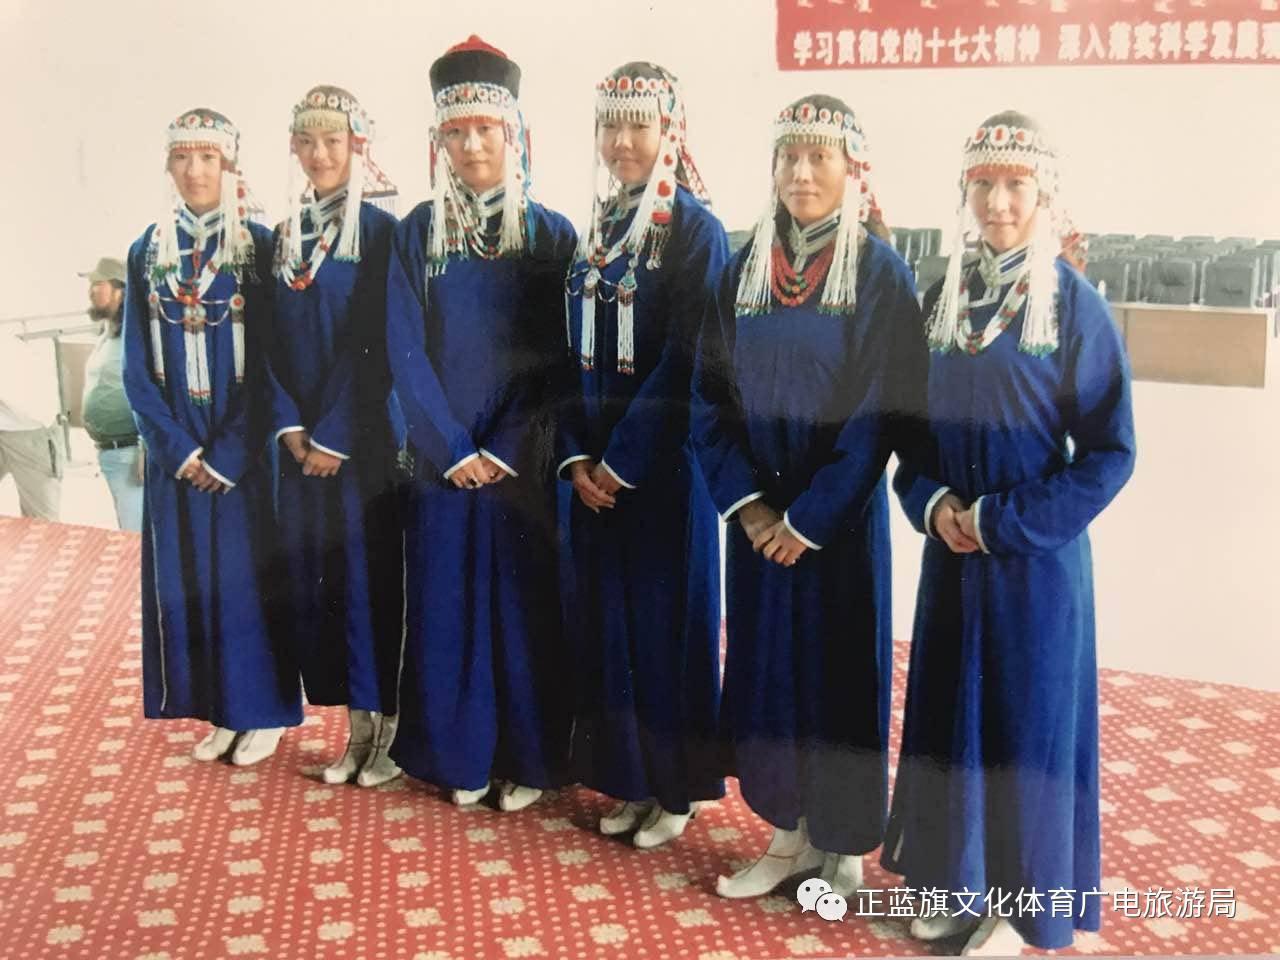 【察哈尔头饰】盟级非物质文化遗产代表性传承人—色·乌云毕力格 第18张